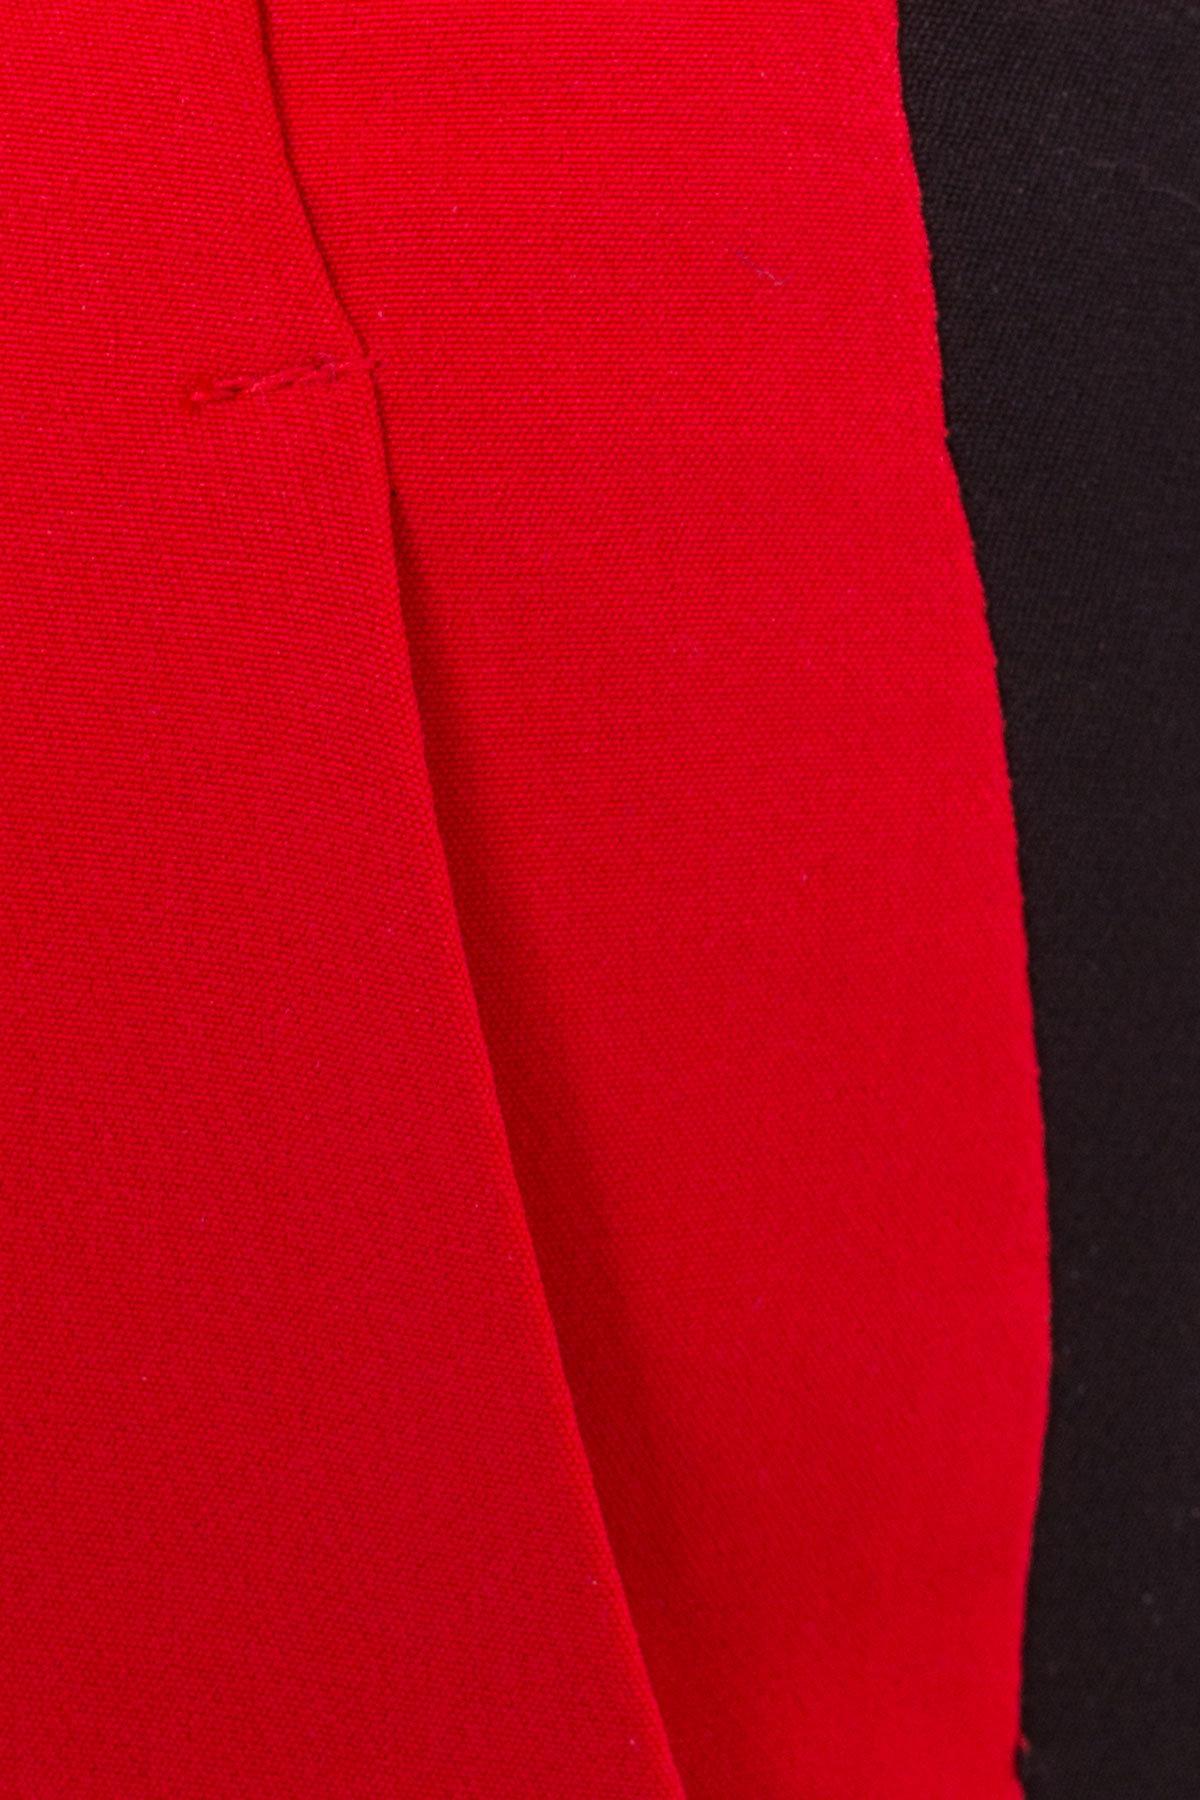 Брюки Макеба 3247 АРТ. 16723 Цвет: Красный/черный - фото 8, интернет магазин tm-modus.ru